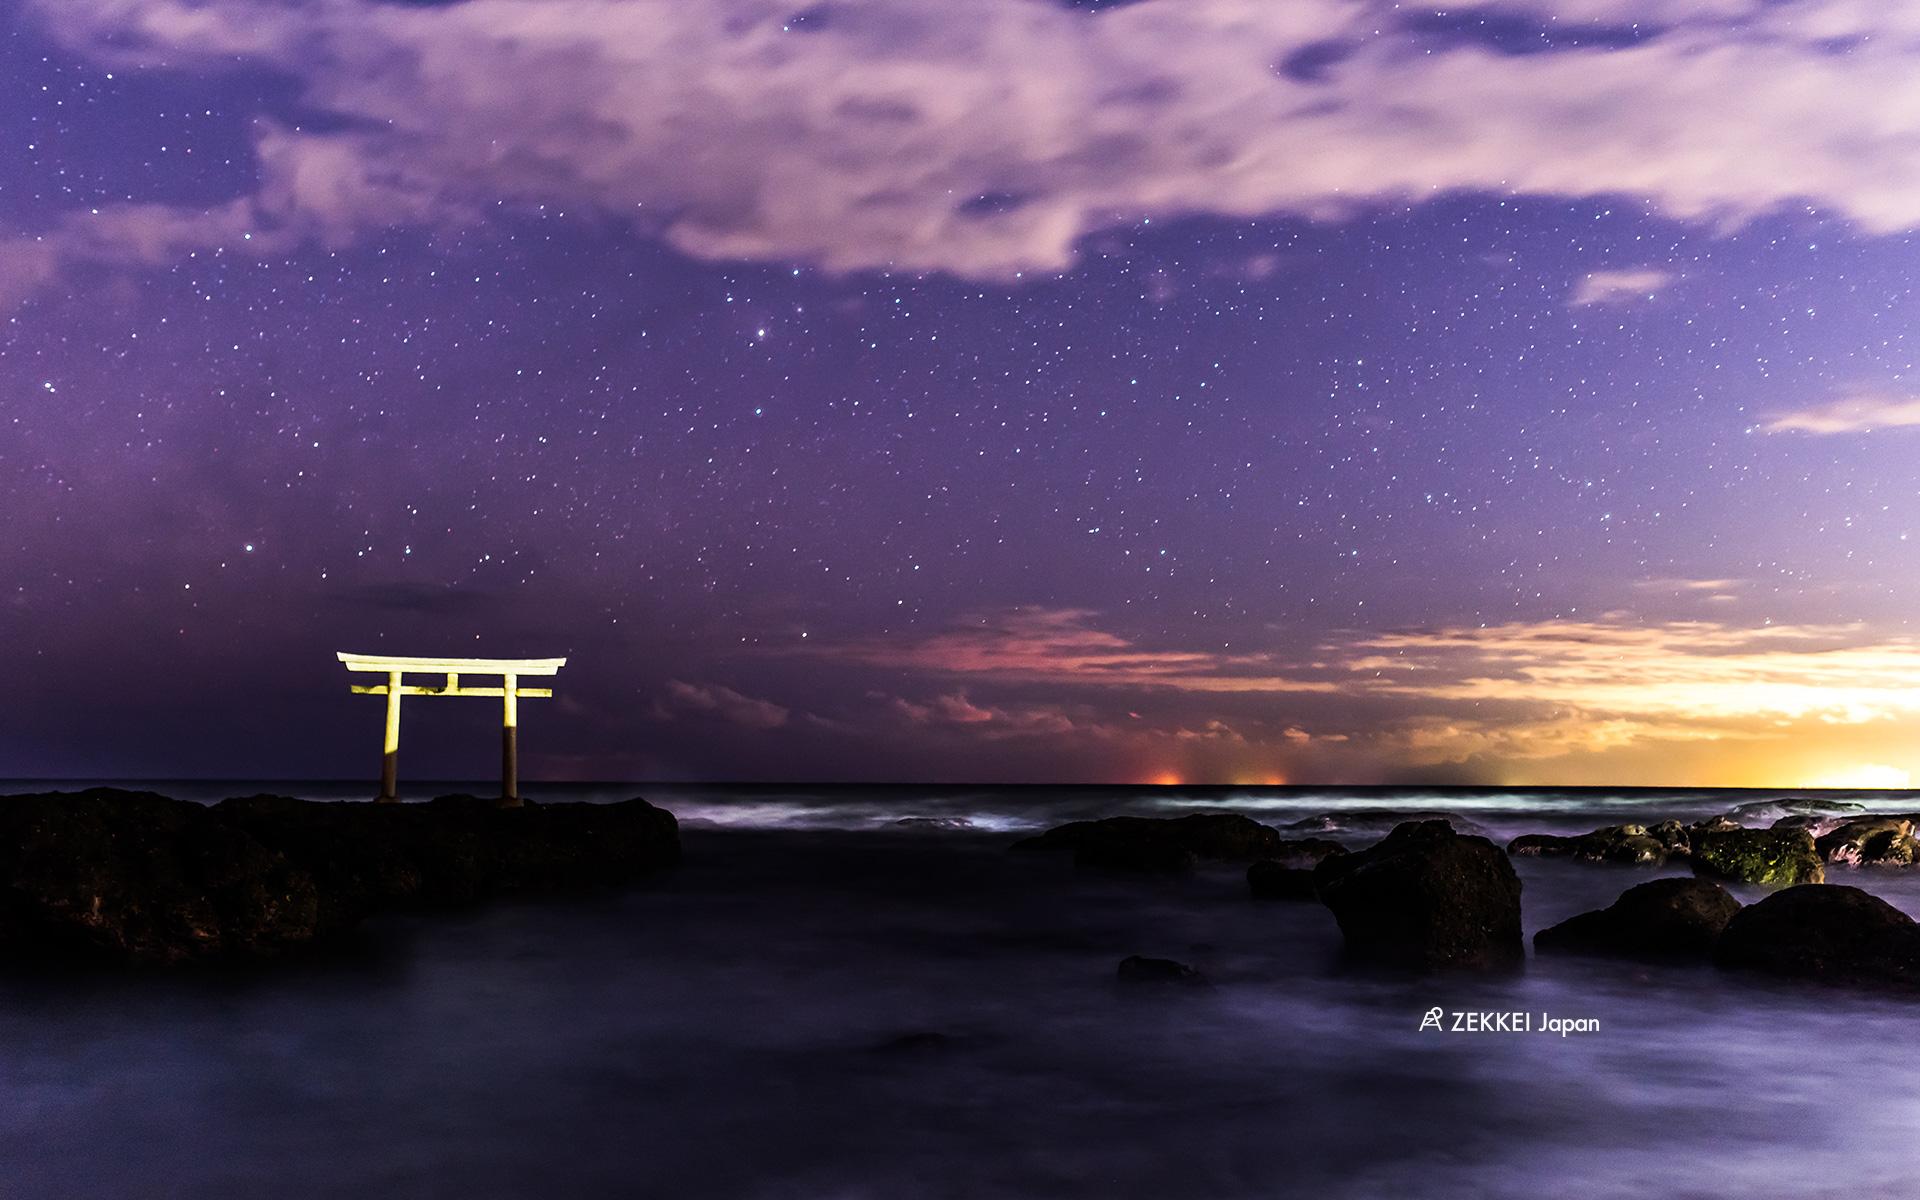 絶景壁紙 綺麗な冬の星空の絶景壁紙をあなたの待ち受けに Zekkei Japan